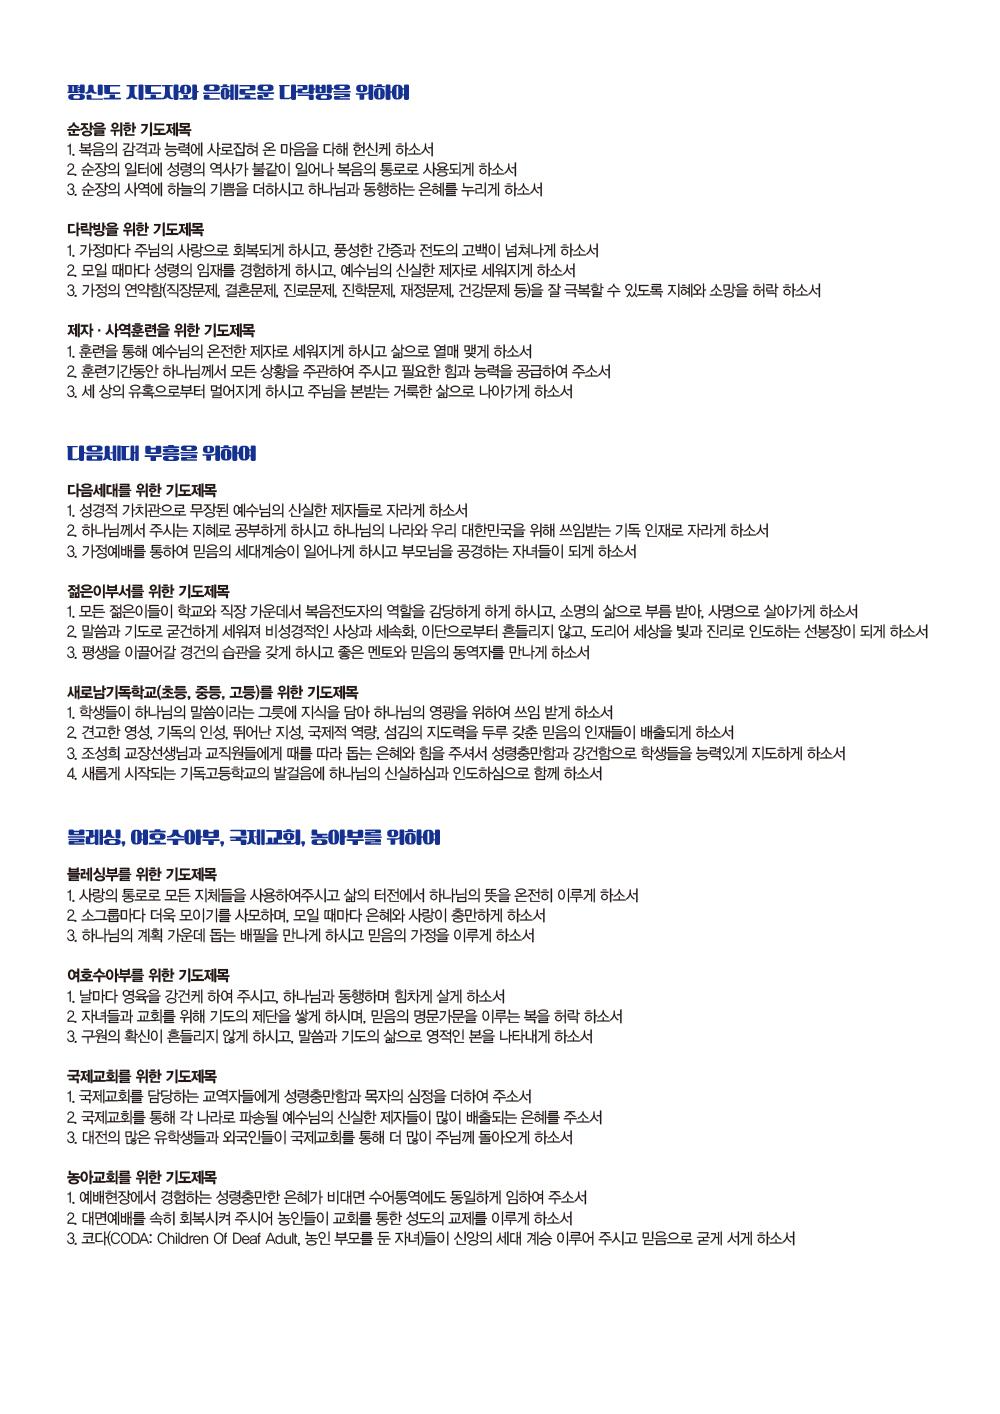 2021_7차_기도골방_기도문-2.jpg